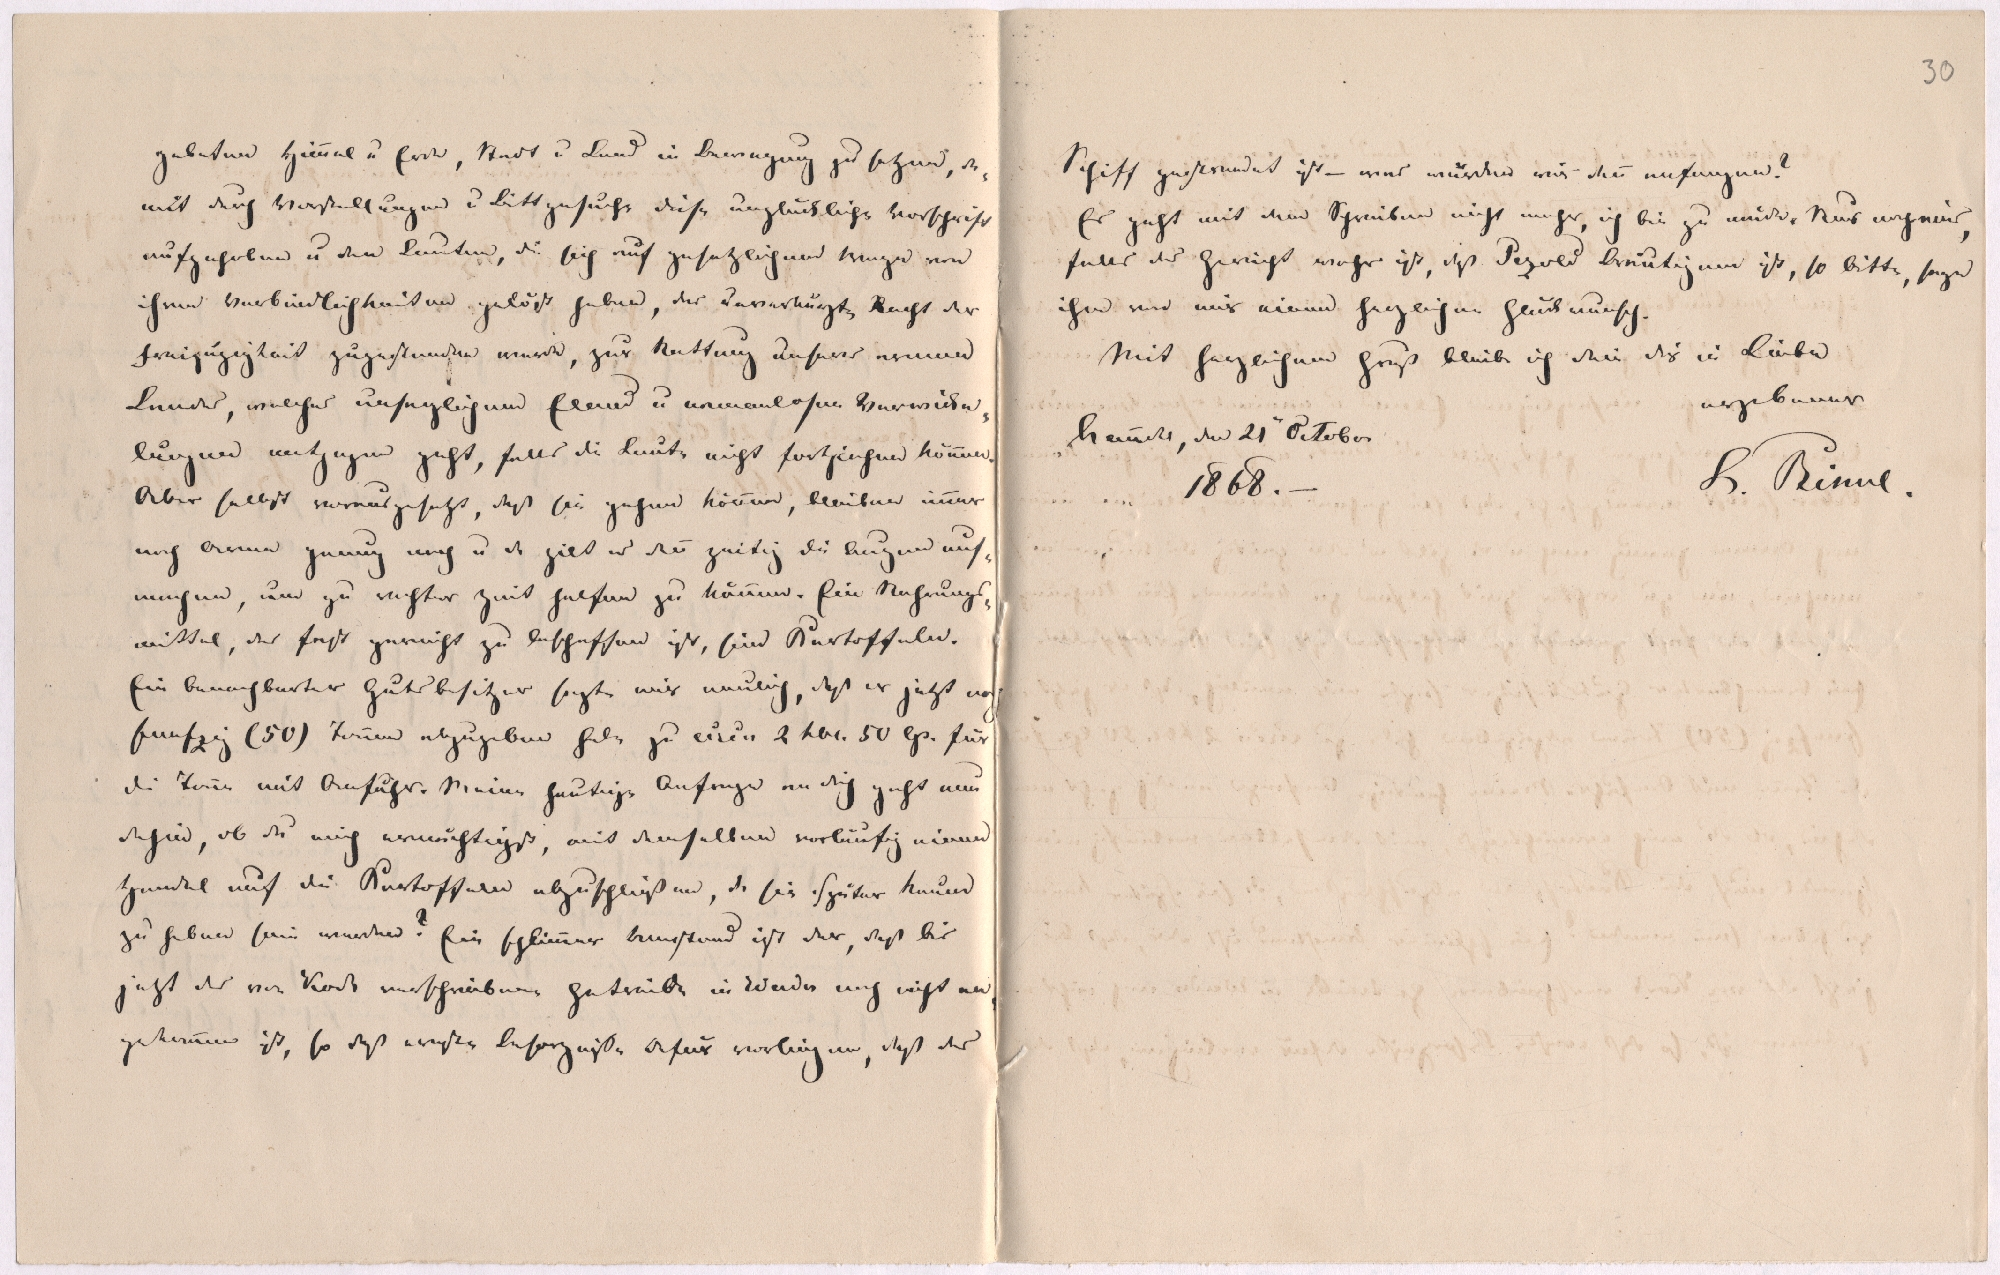 Hanila pastori Leopold Rinne kiri Eestimaa hädaabikomitee sekretärile Oskar Riesemannile. 21.10.1868. EAA.1685.1.9